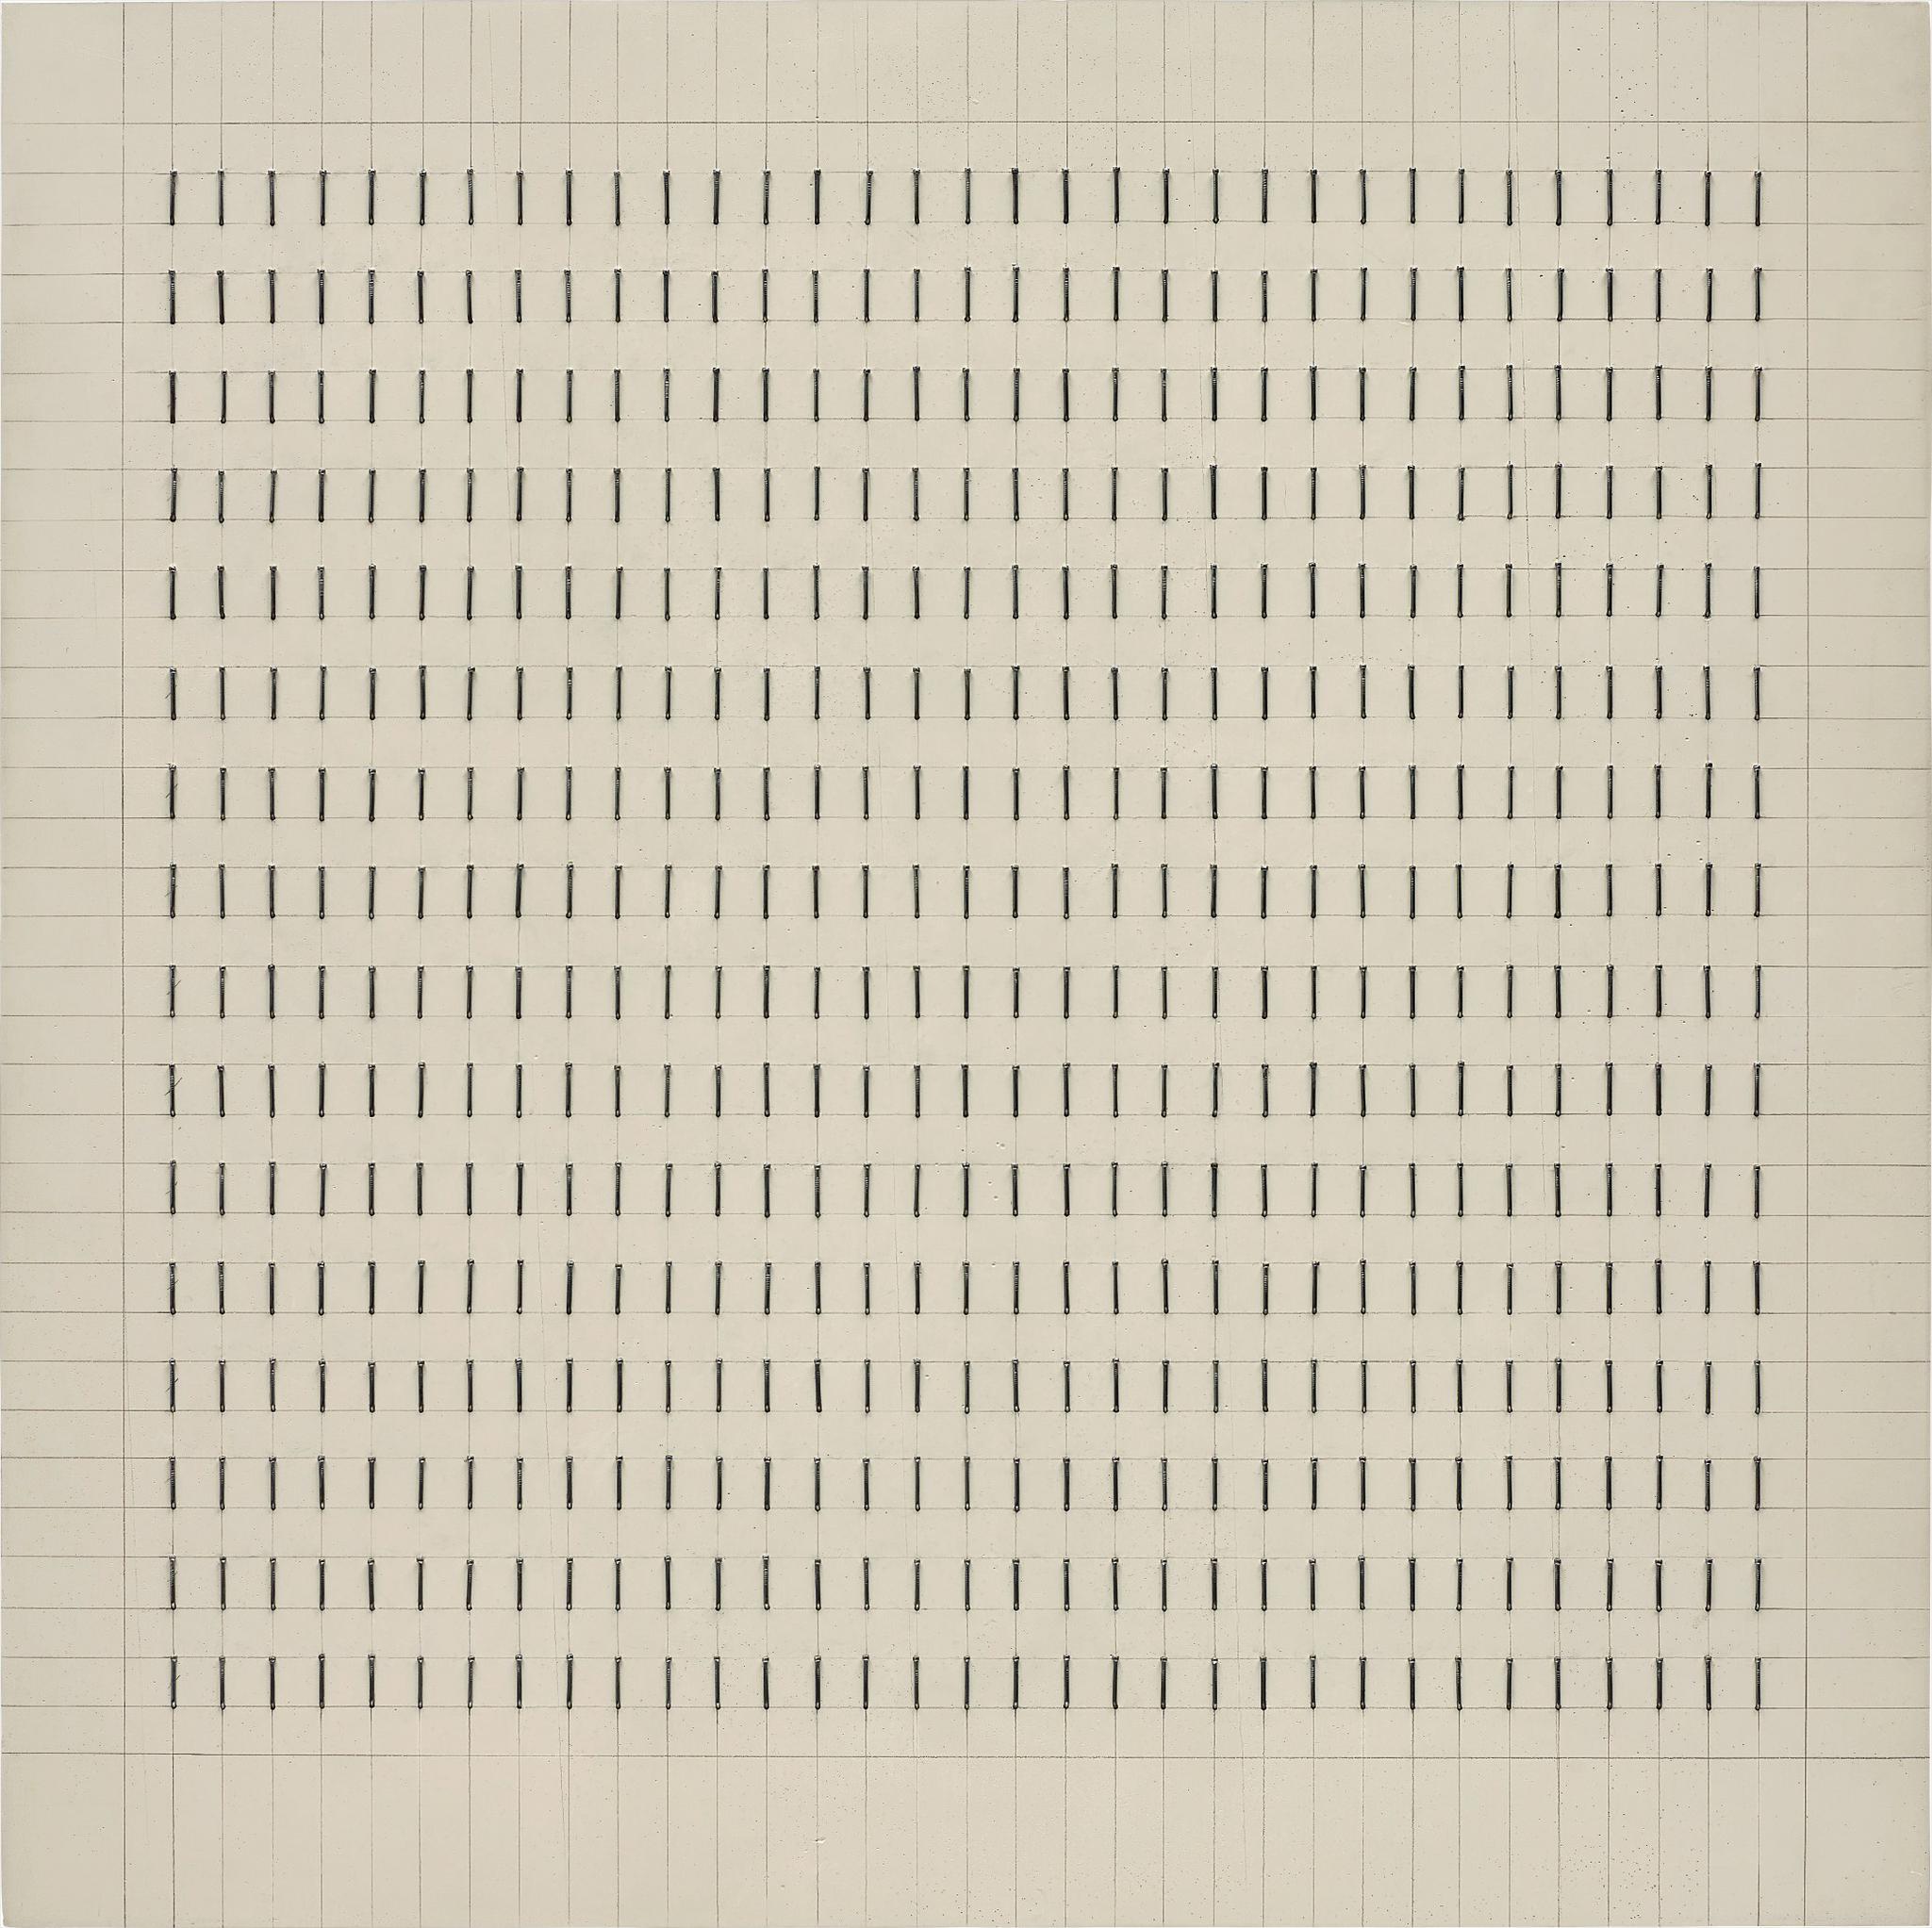 Gunther Uecker-Reihung-1970